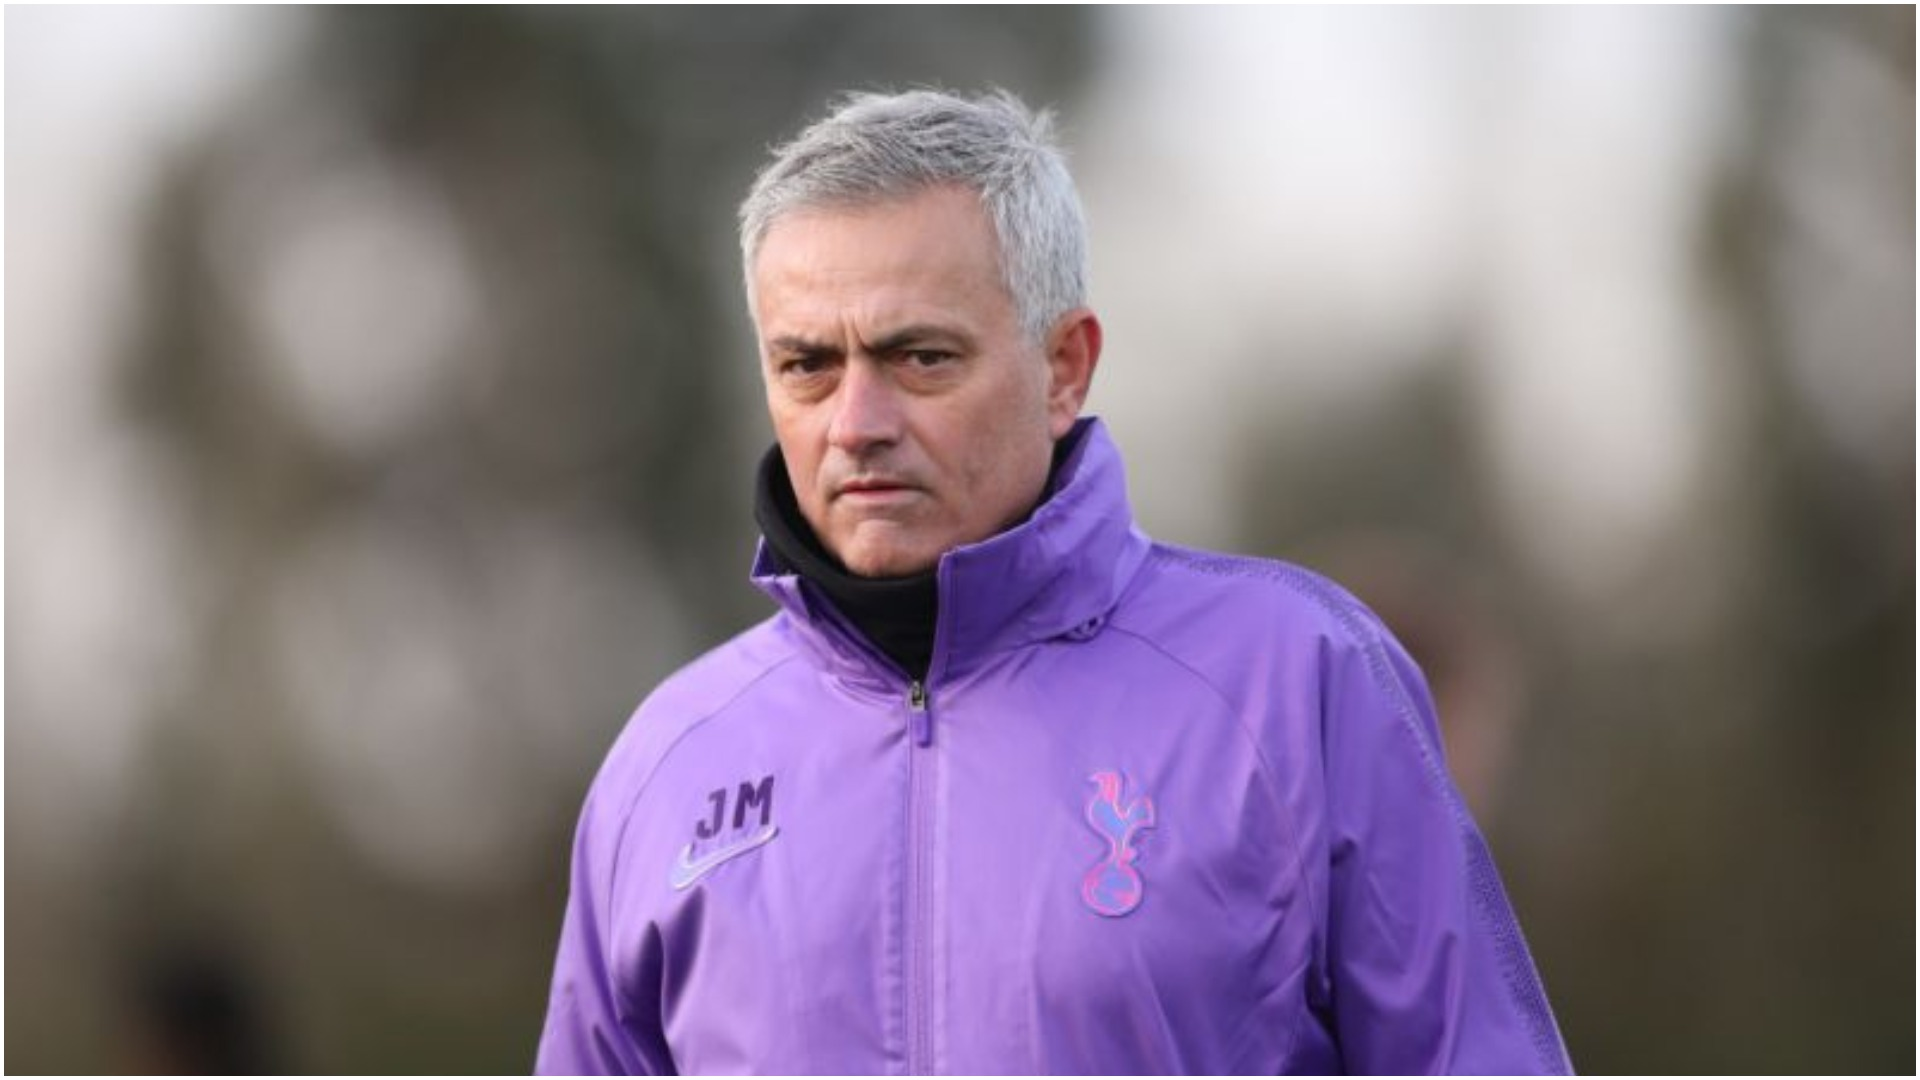 """Rikthimi i Bundesligës e bën të """"ndihet keq"""", Mourinho ka një mesazh"""